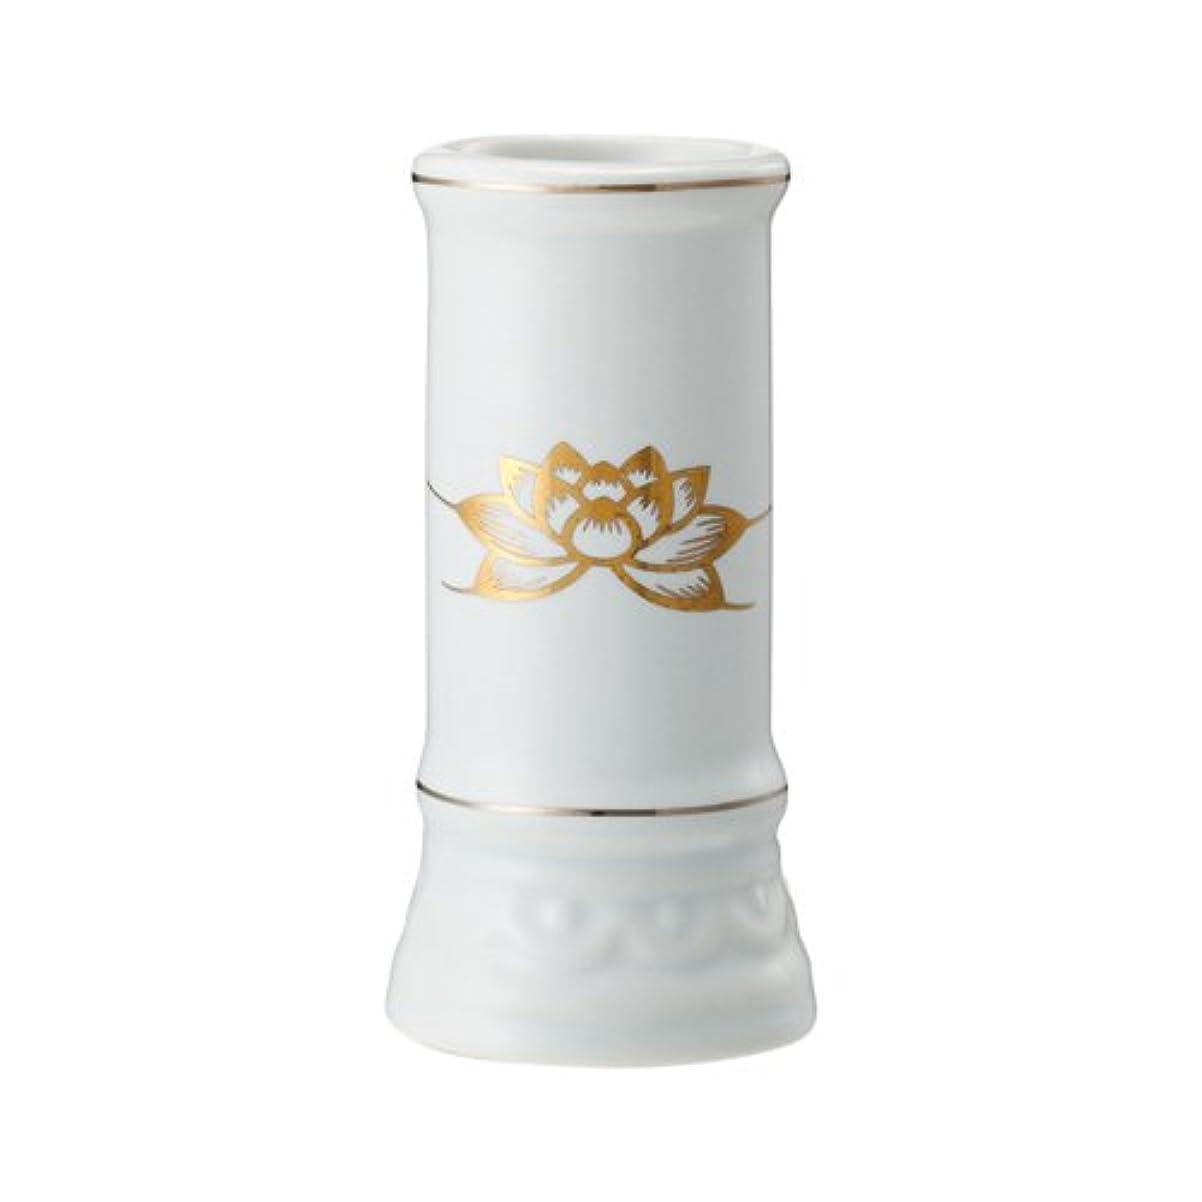 ねばねば行サークル日本香堂 線香立て ミニ陶器白磁